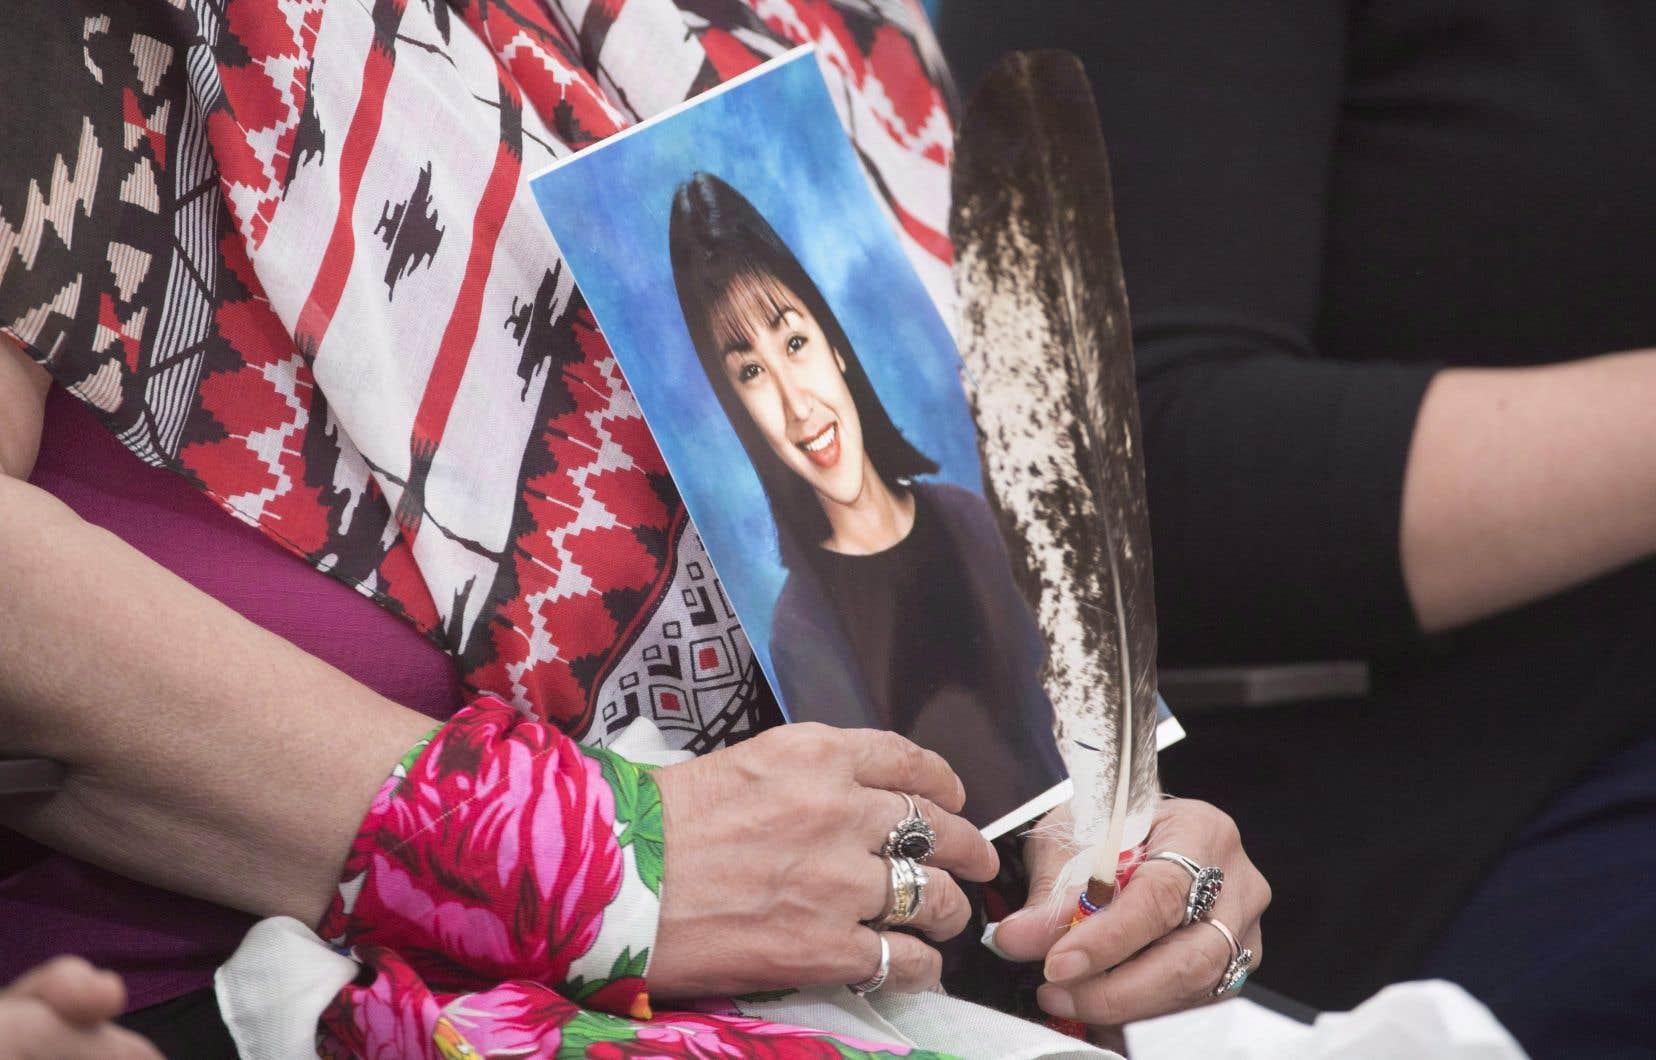 L'Enquête nationale sur les femmes et les filles autochtones disparues et assassinées a été lancée à la fin de l'été 2016.